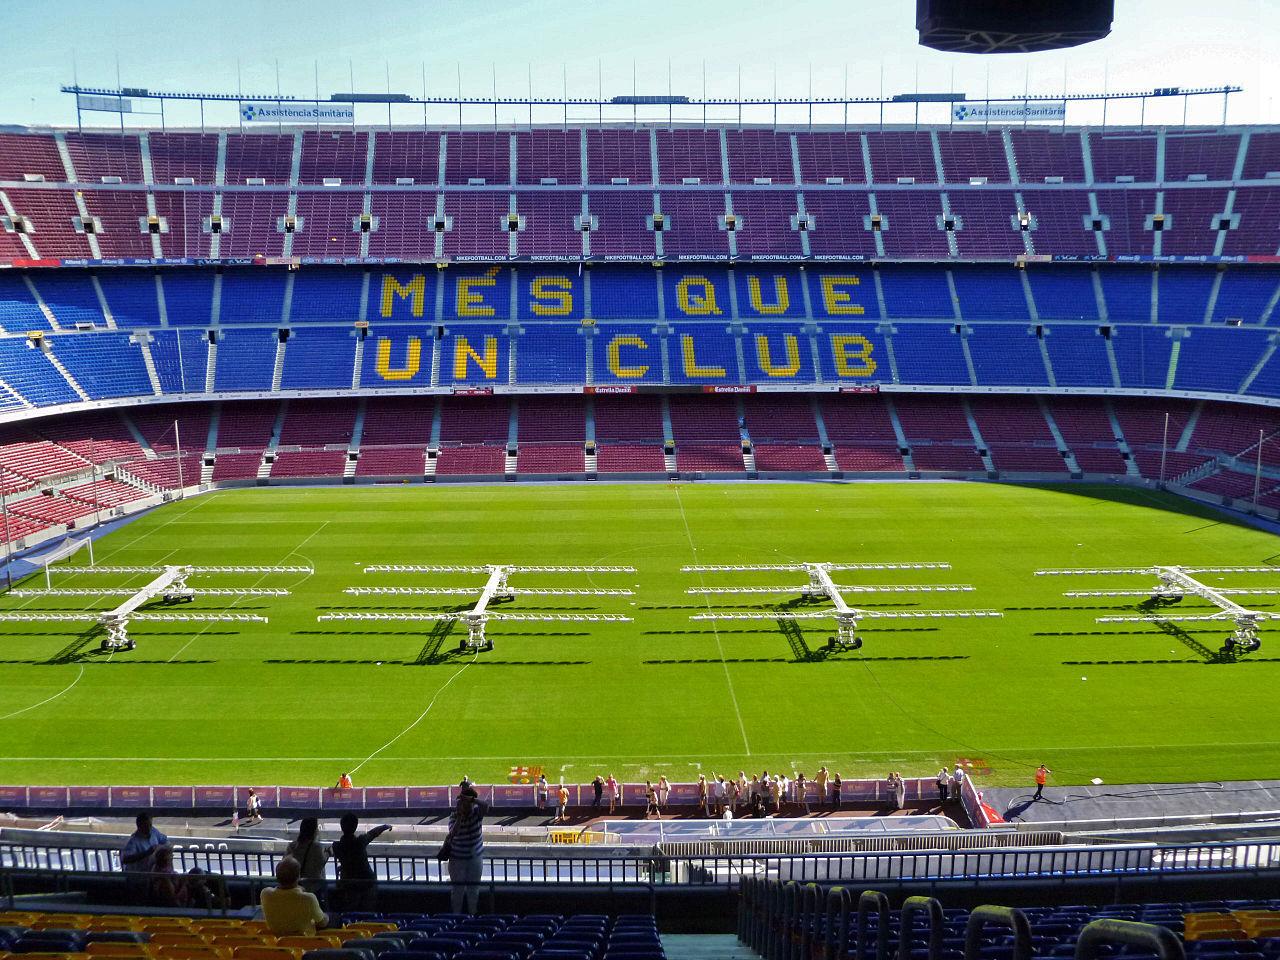 Imagen: Estadio Camp Nou